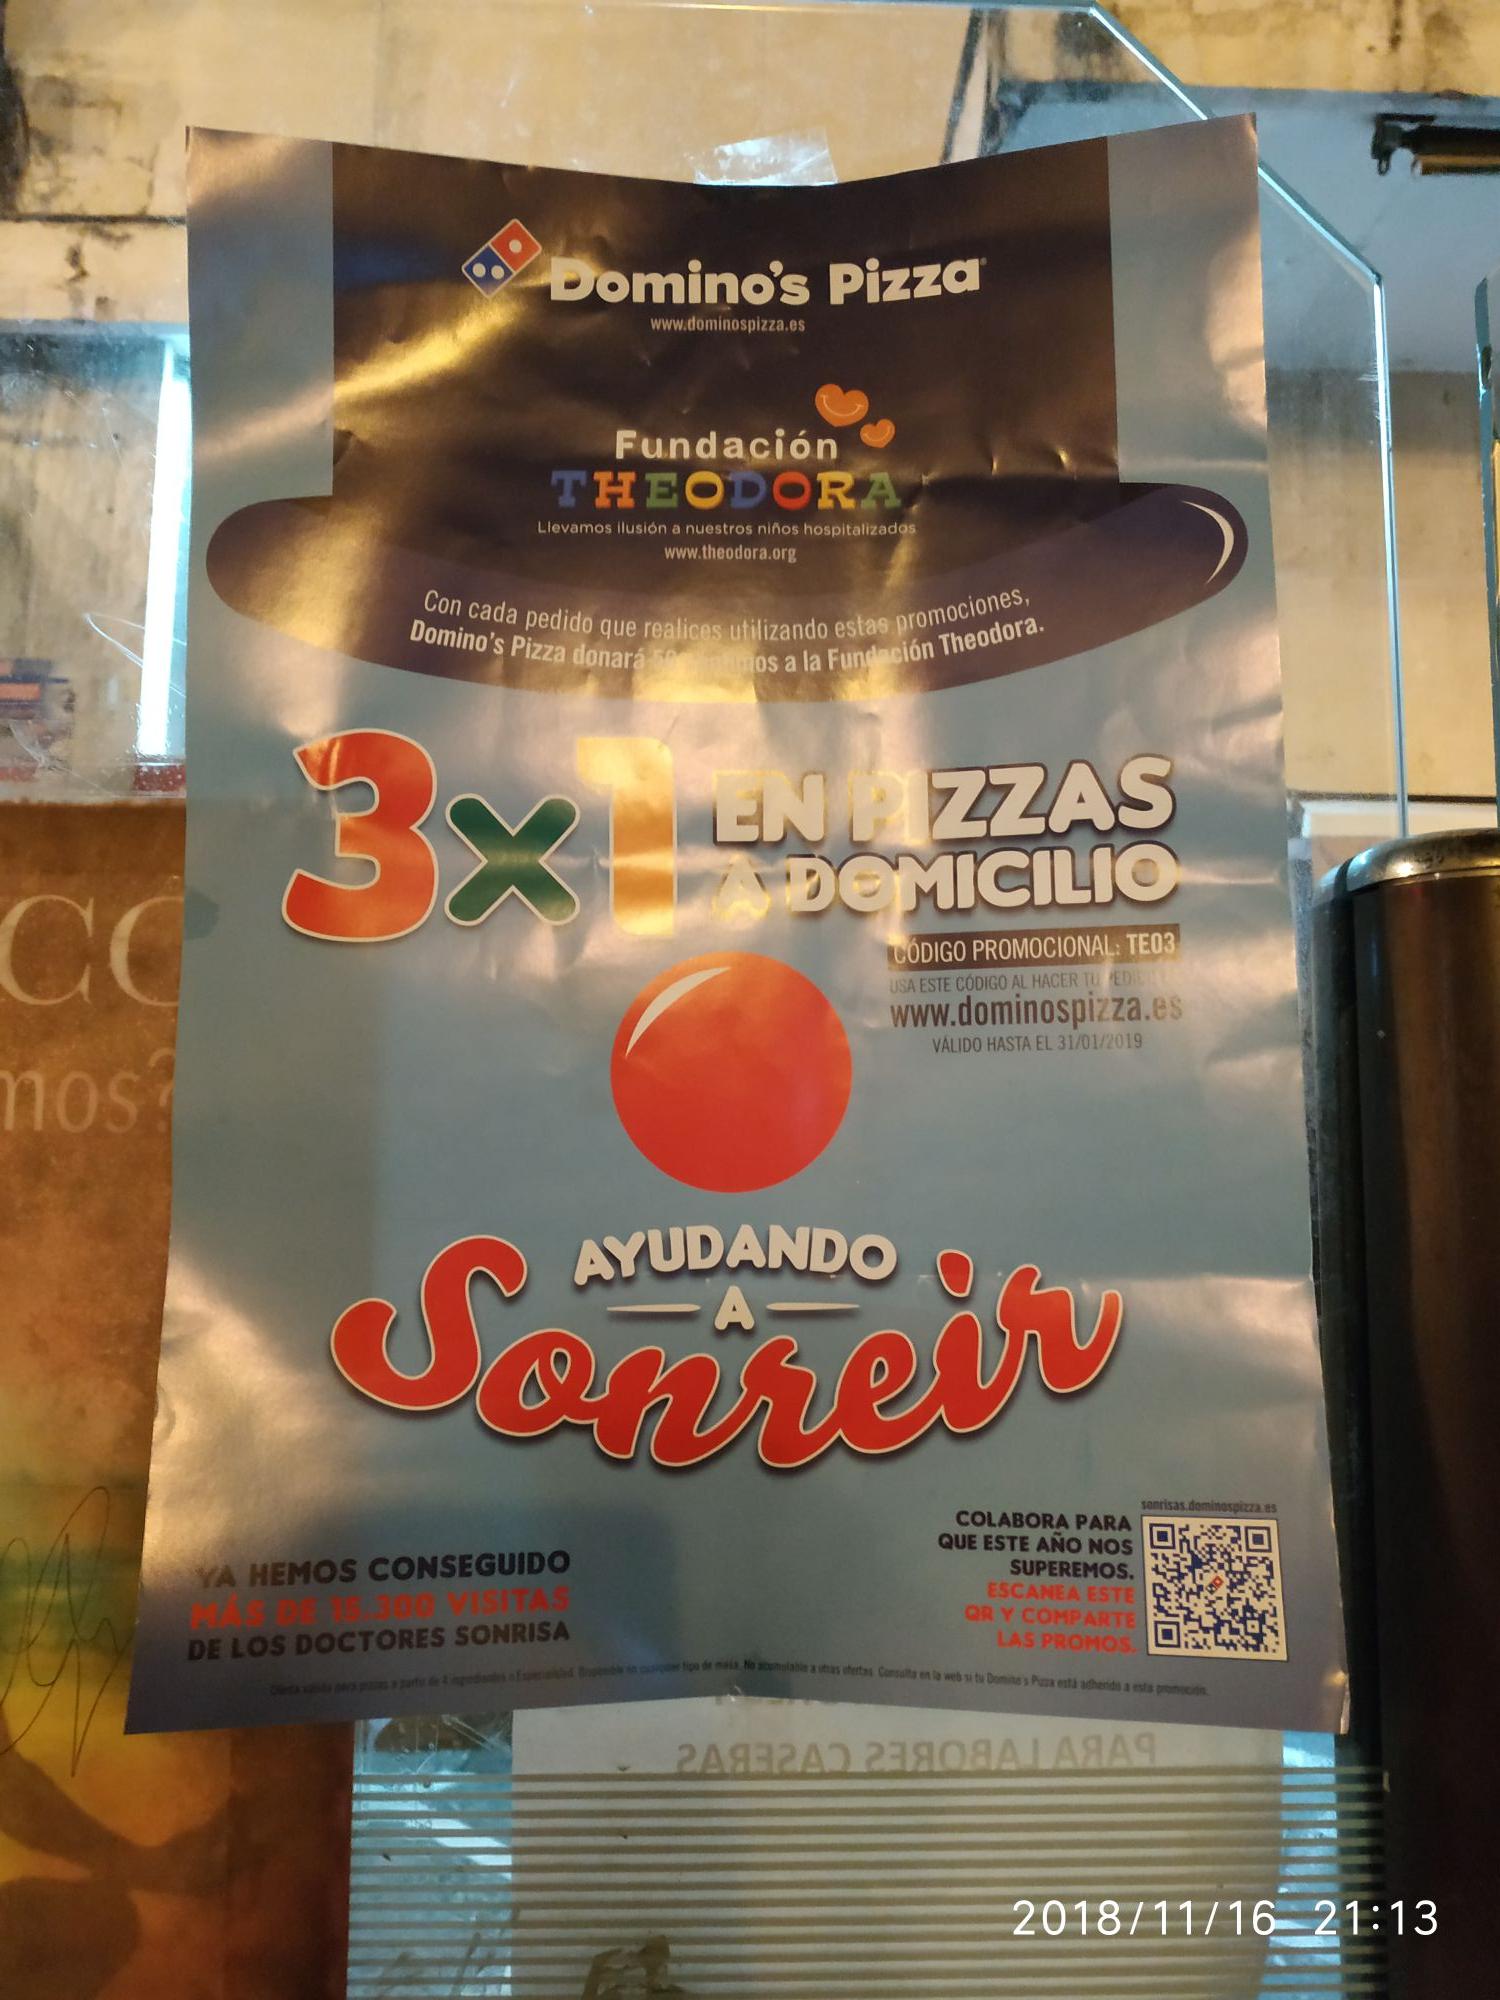 3x1 a domicilio en Domino's pizza